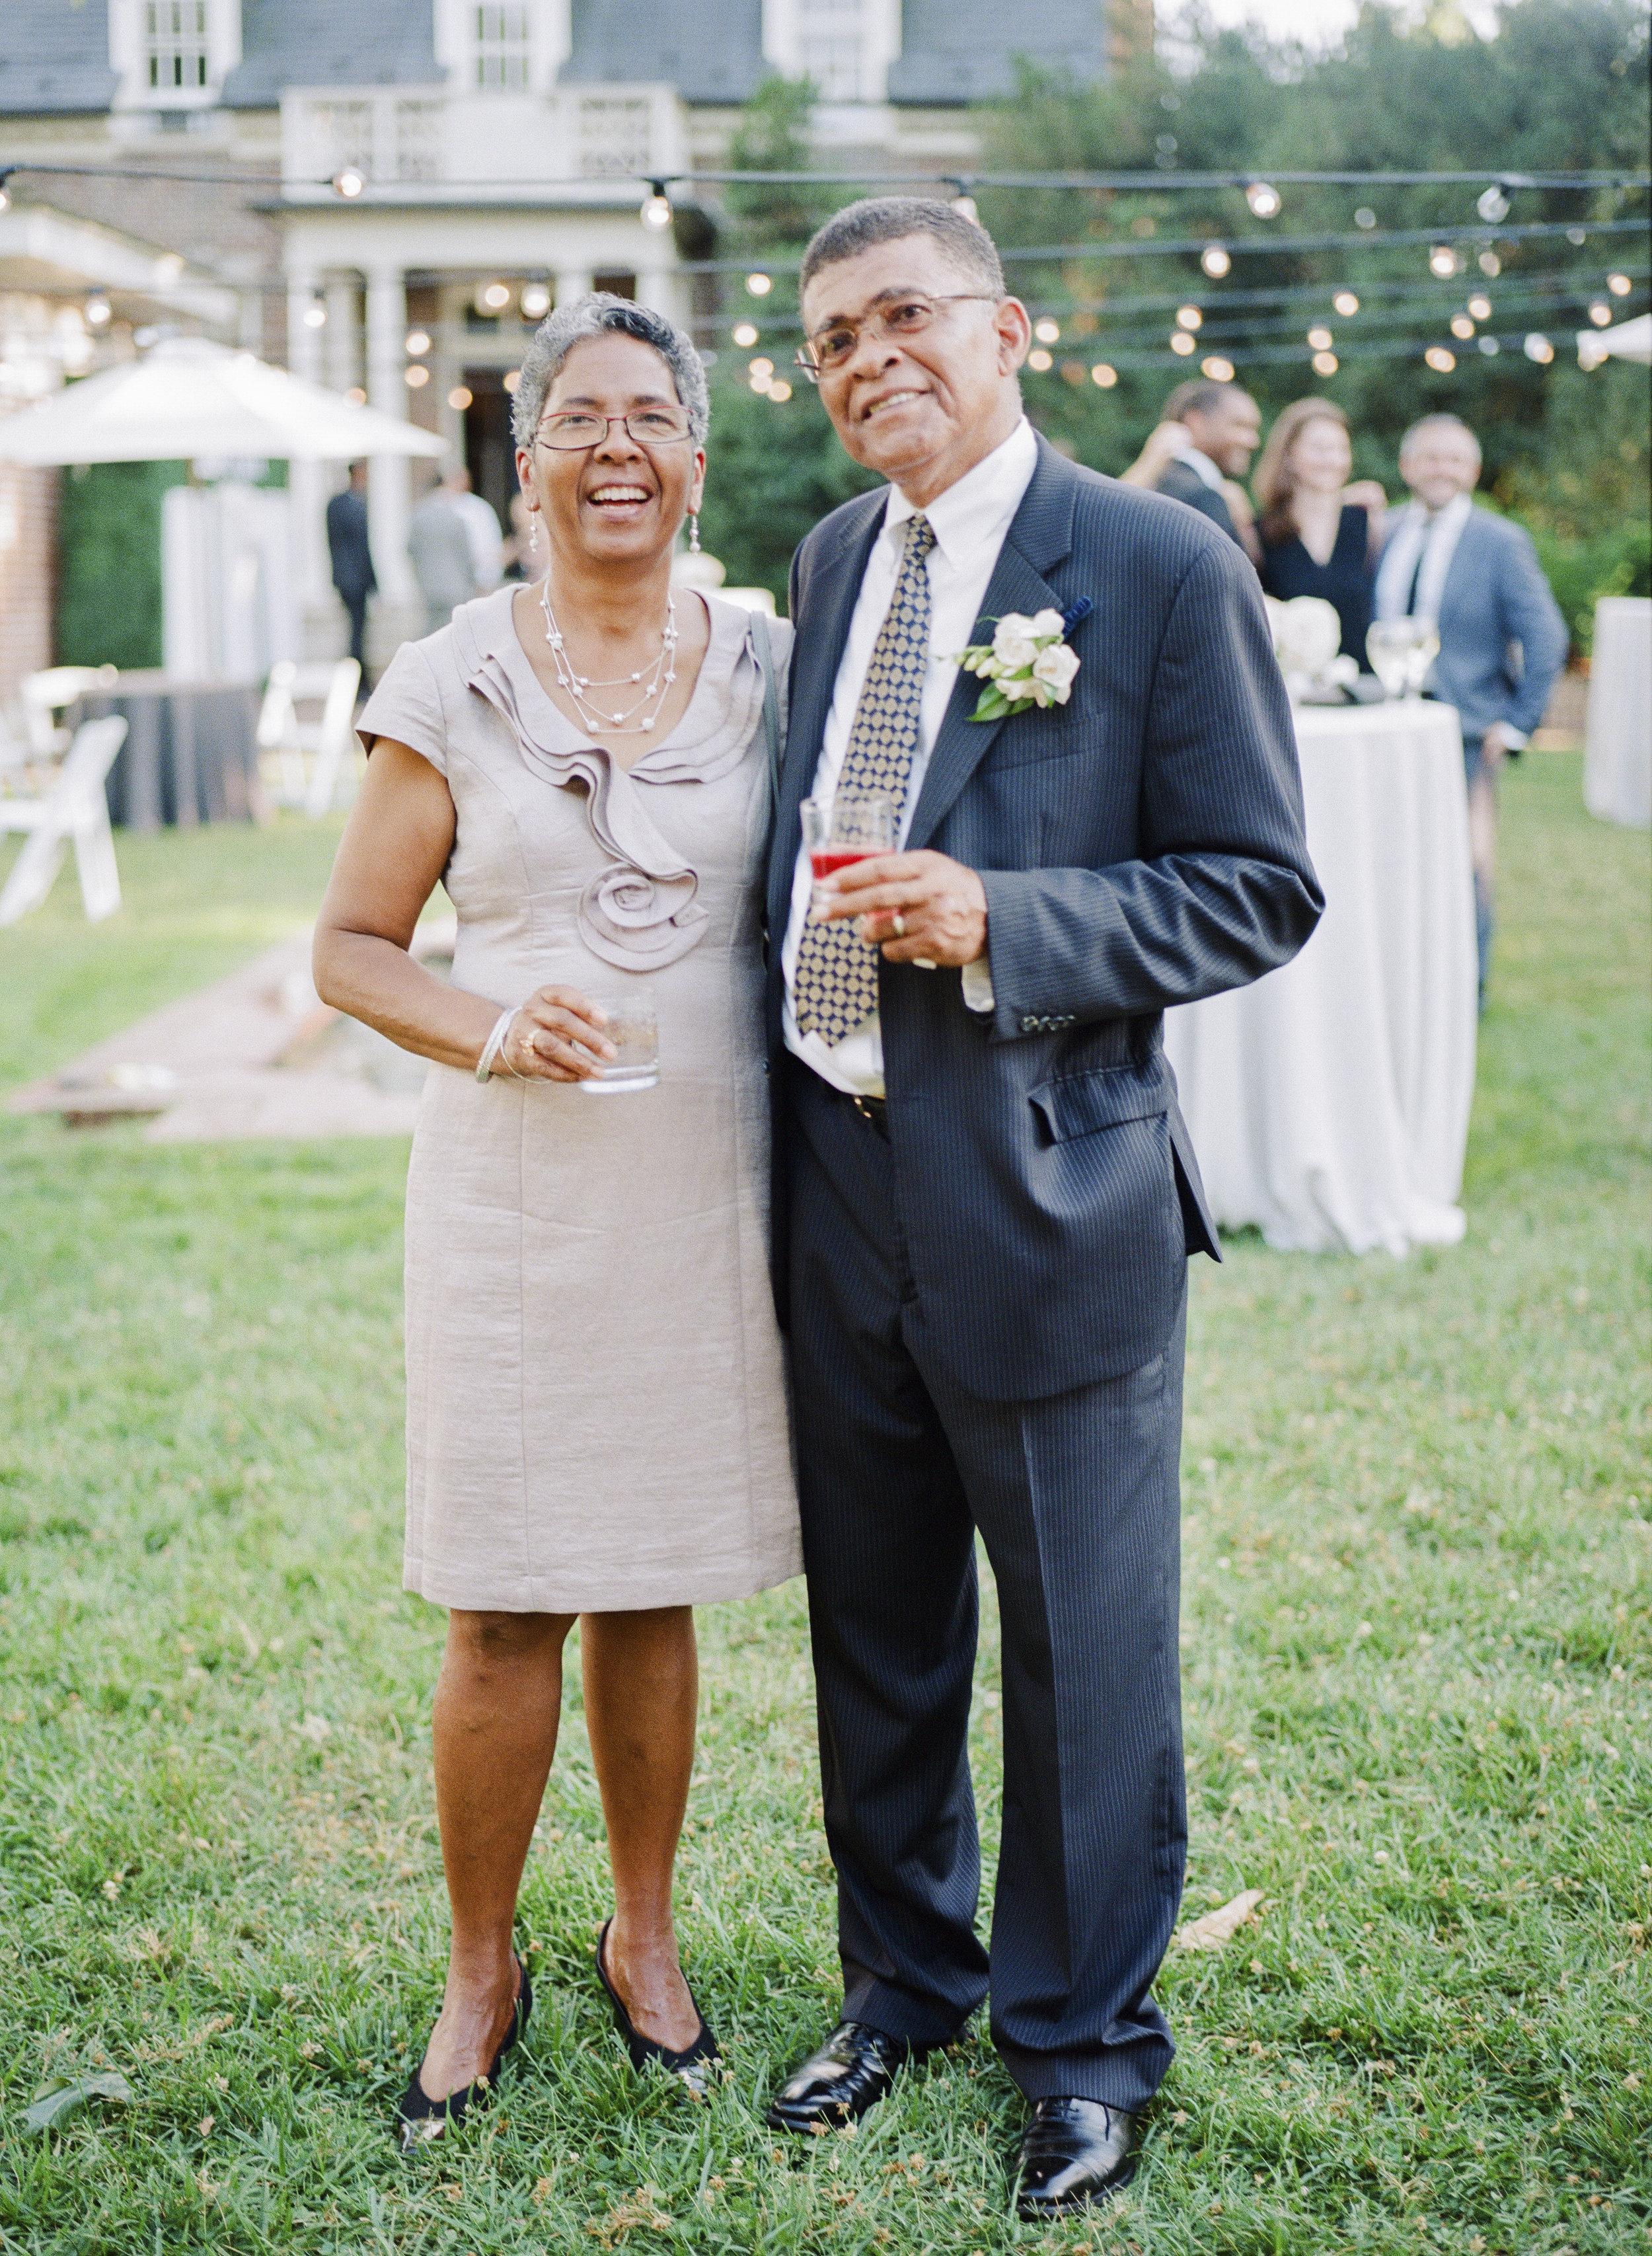 34_WoodlawnVAwedding-35.jpg